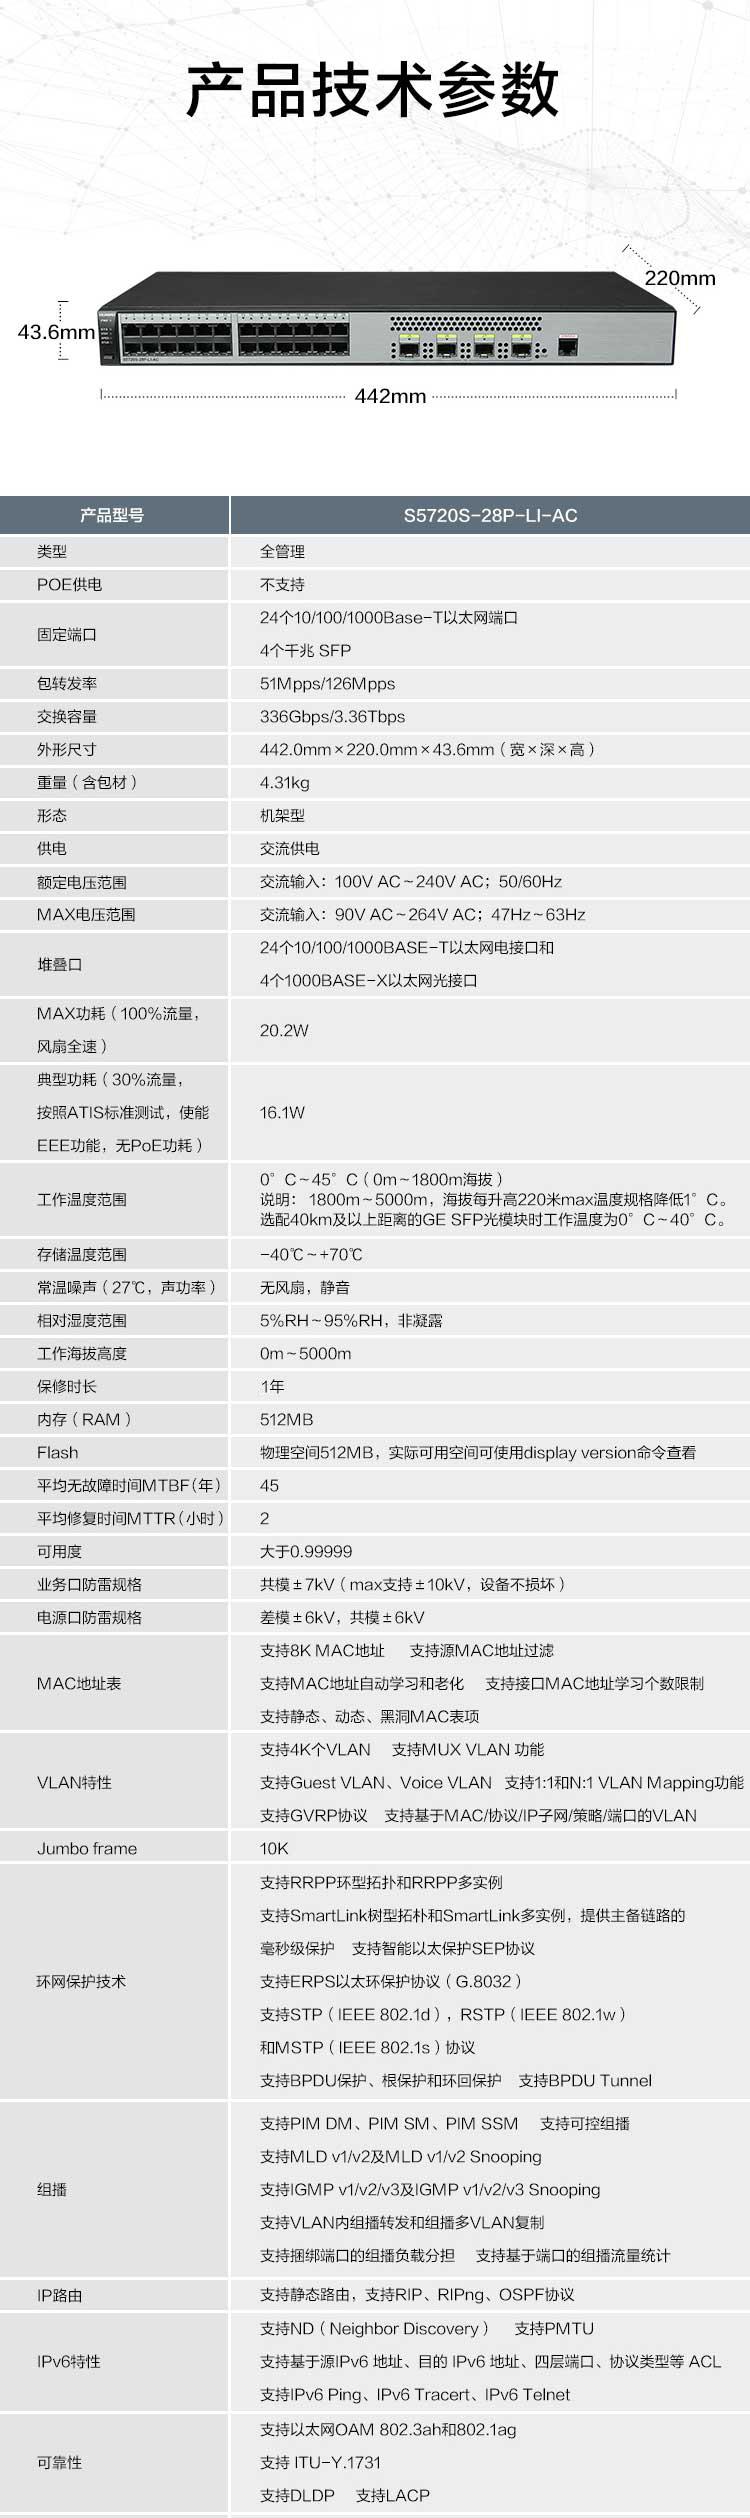 华为-S5720S-28P-LI-AC